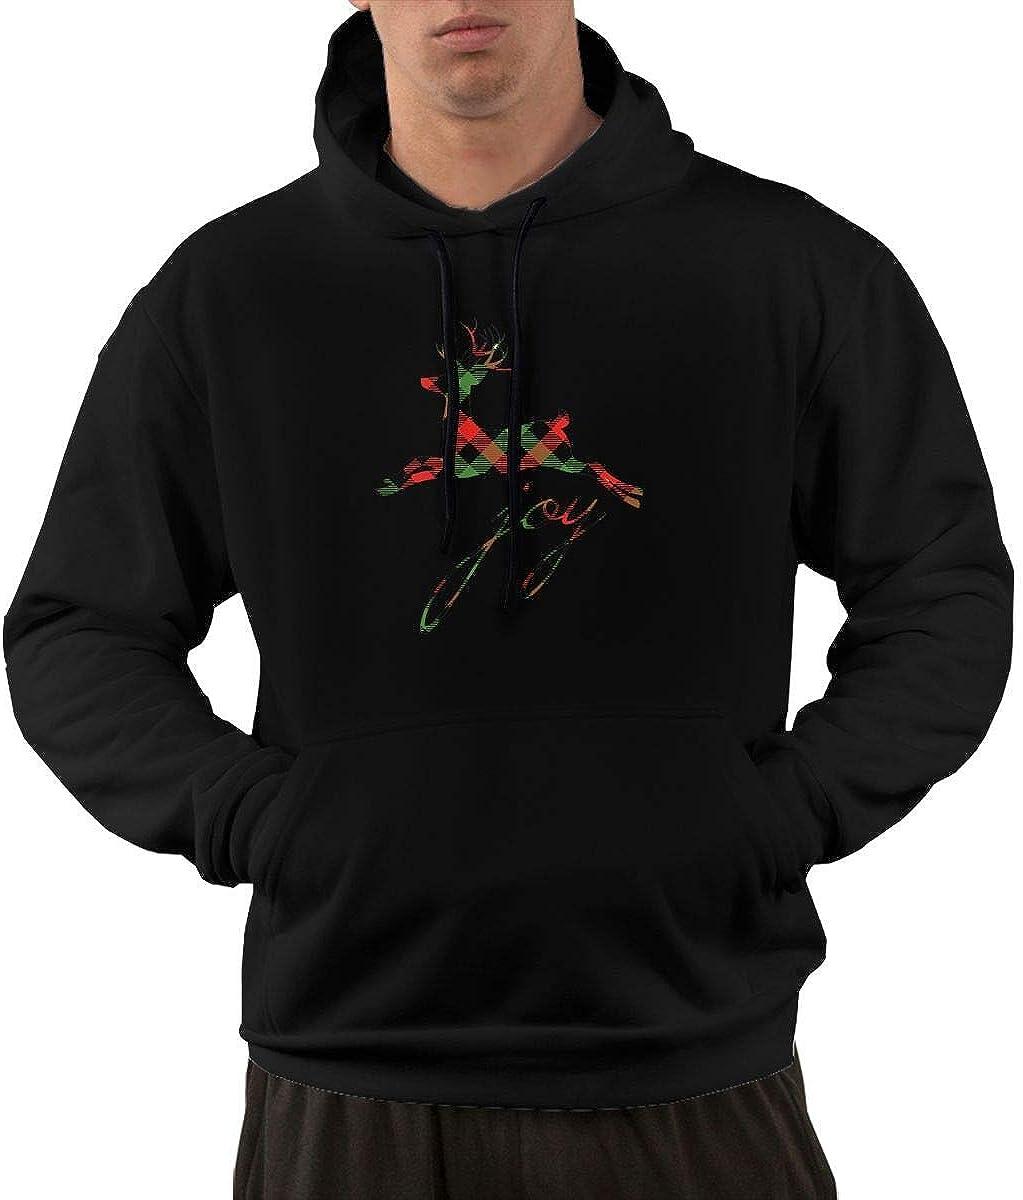 Plaid Reindeer Joy Mens Casual Sweatcoat with Pockets Long Sleeve Zipper Hoodie Black